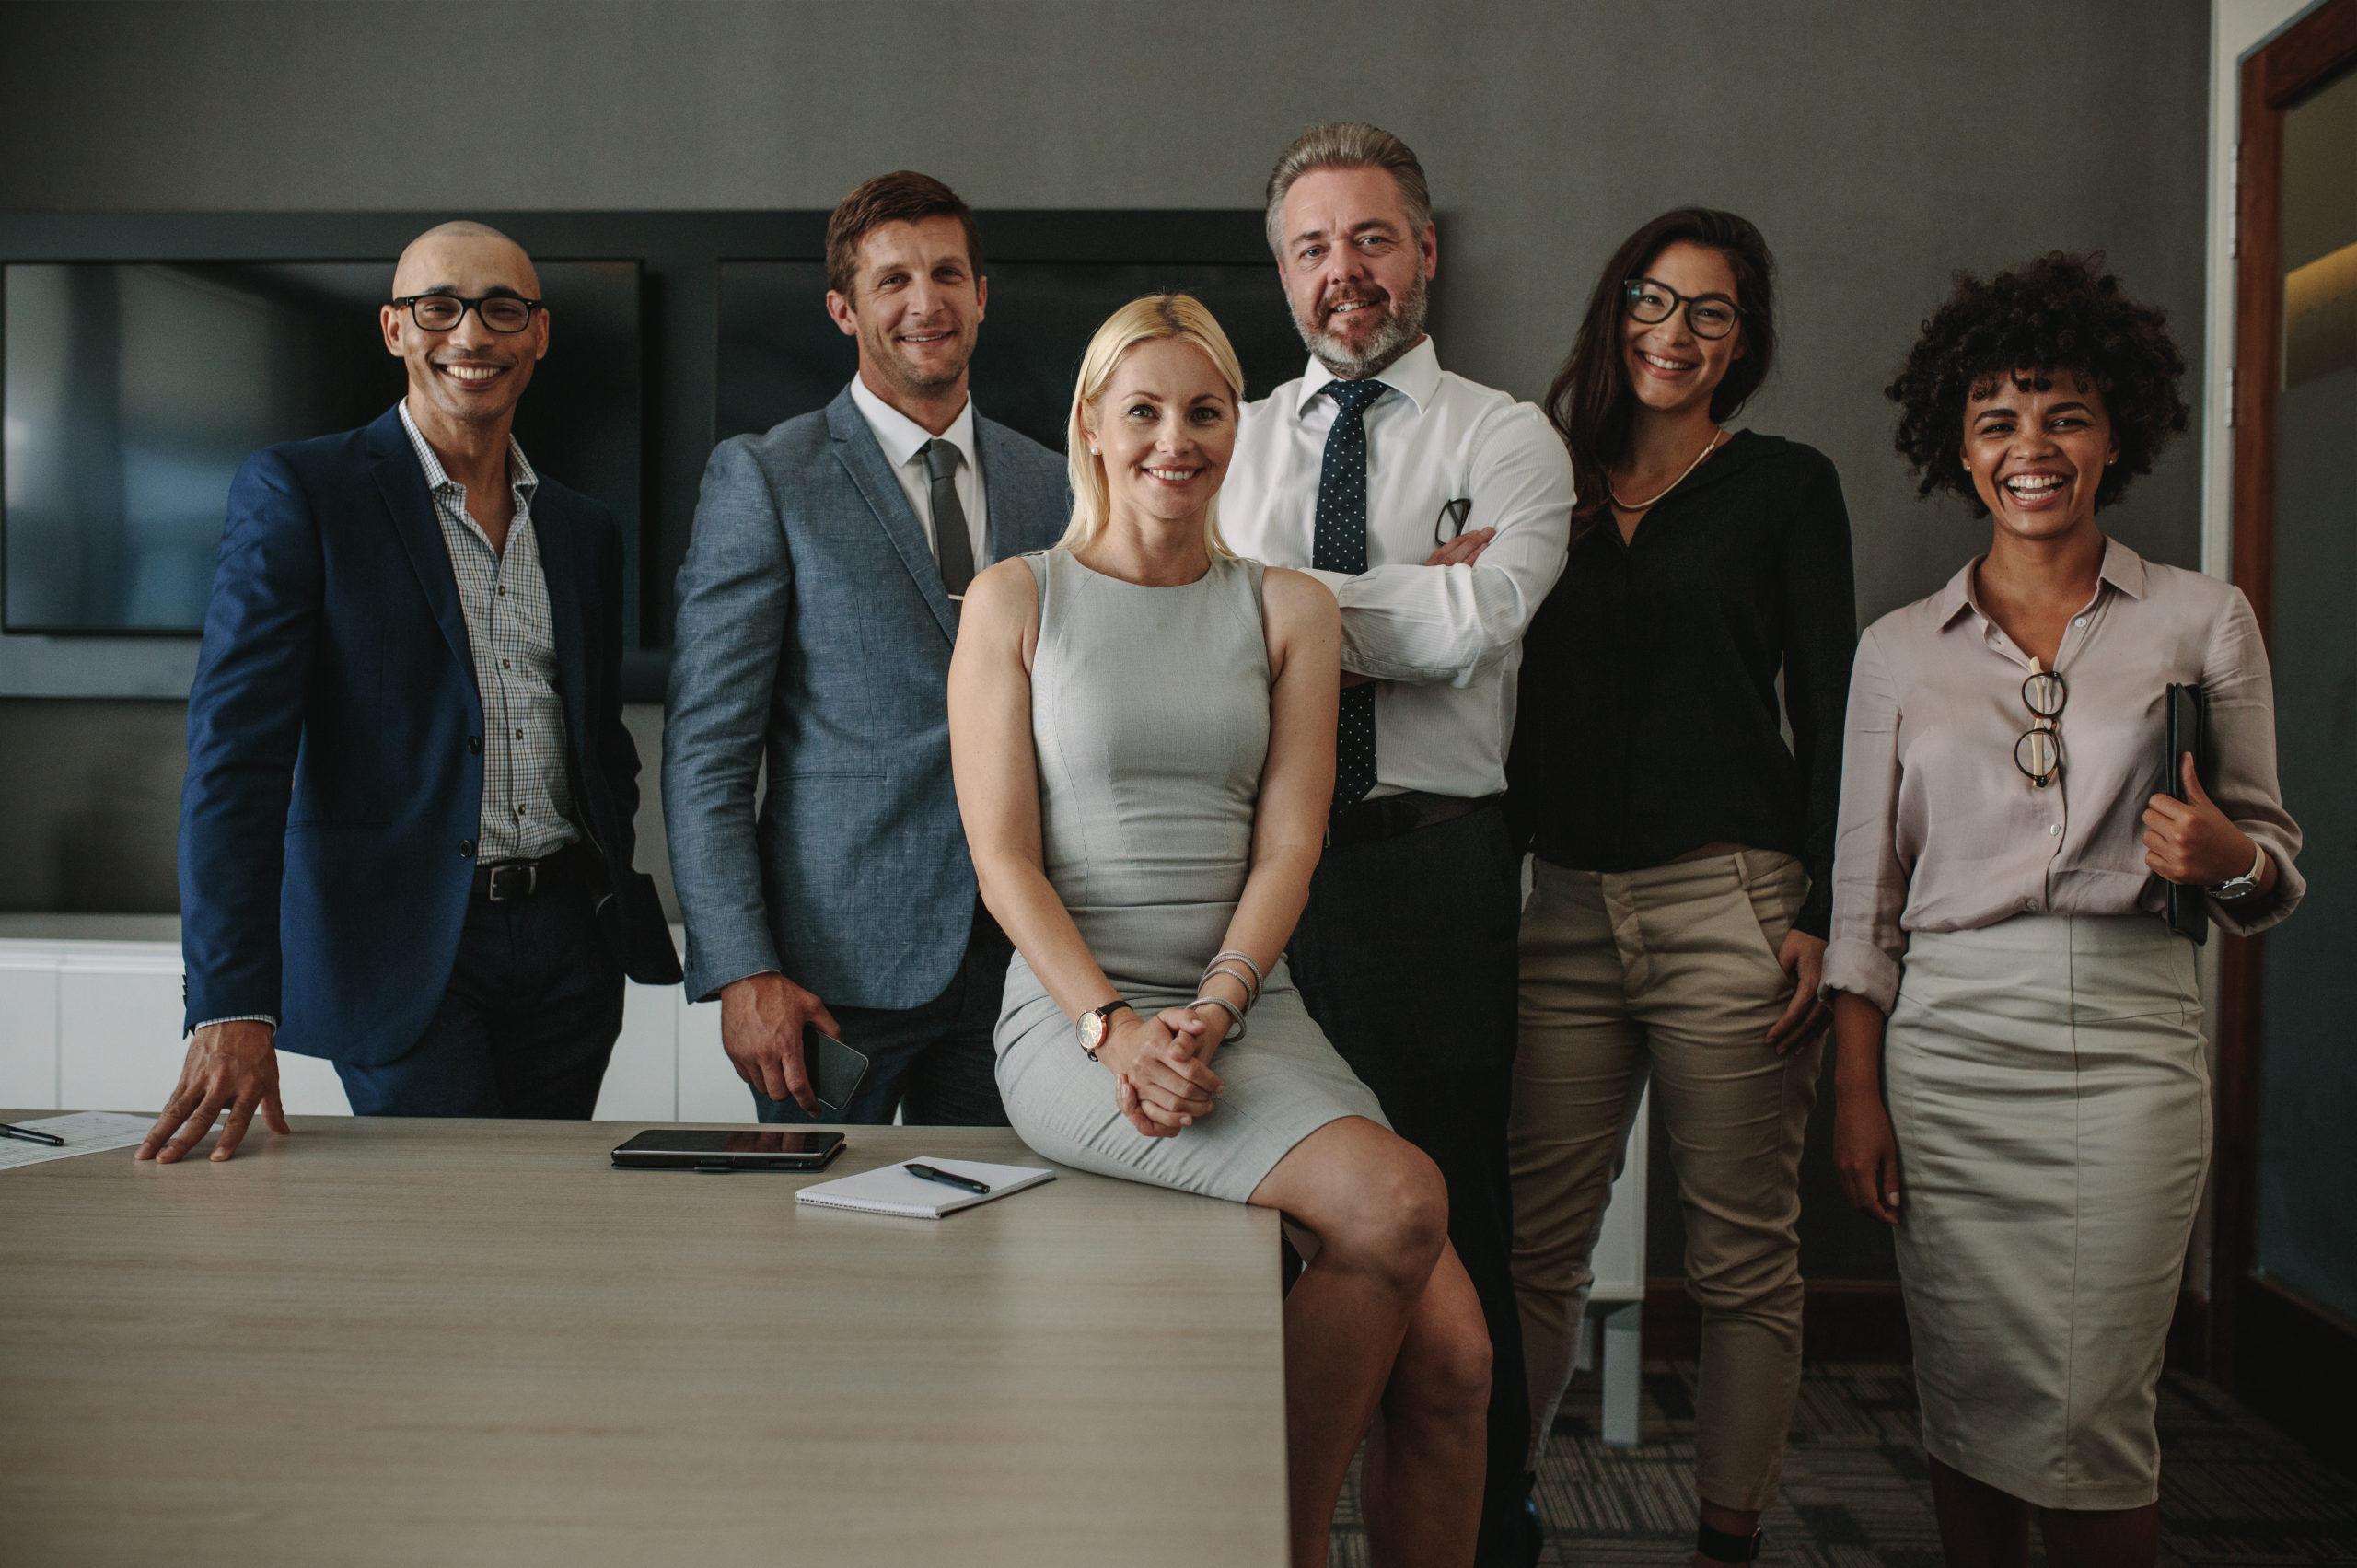 Gérer les pics d'activité de votre entreprise grâce au management de transition ou au temps partagé